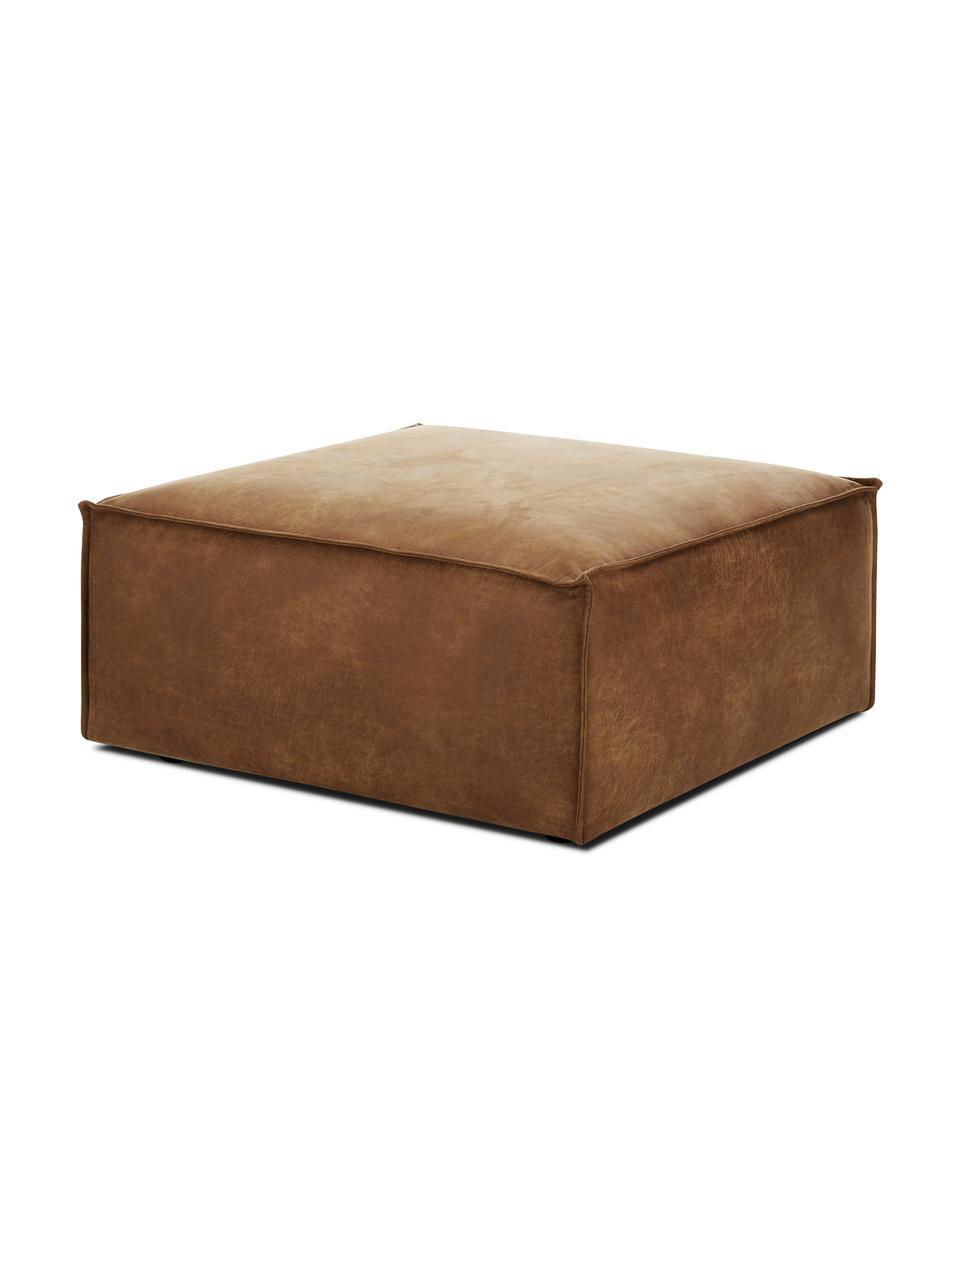 Pouf canapé cuir recyclé Lennon, Cuir brun